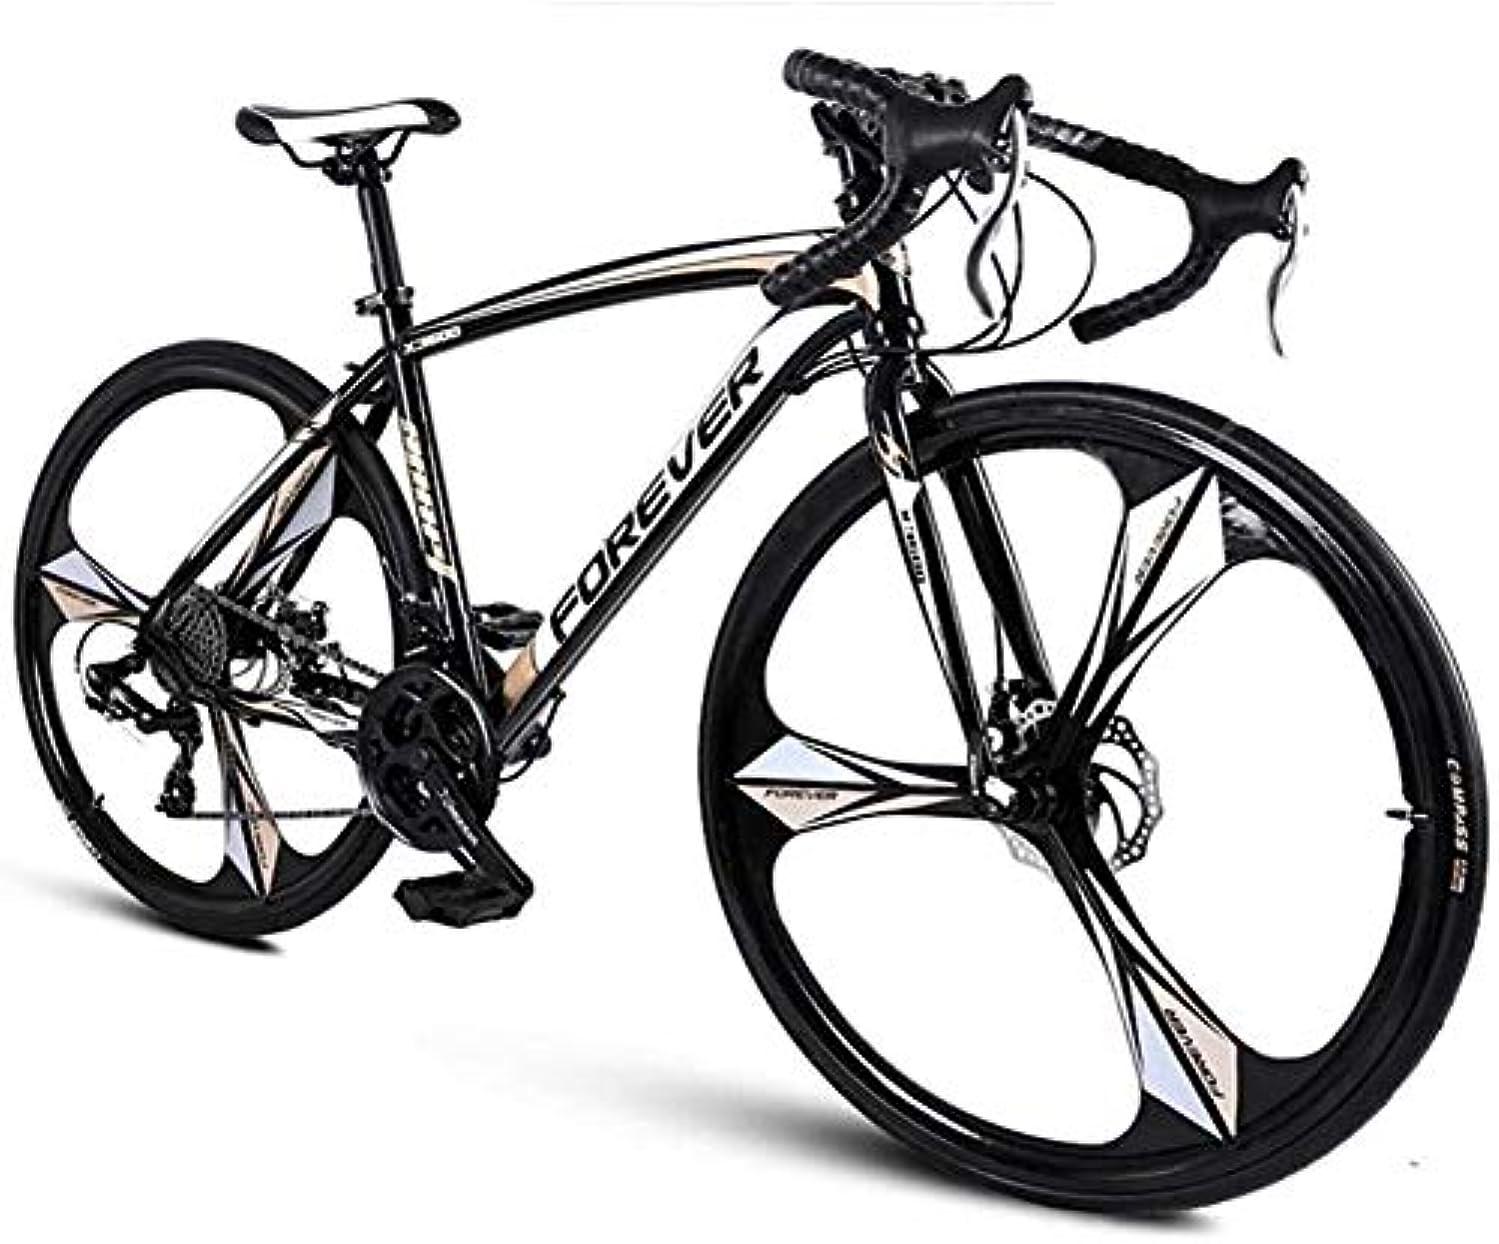 傘まで豊富26インチロード自転車、大人男性27のスピードメカニカルディスクブレーキロードバイク、メンズ自転車道のために、トレイル&山脈